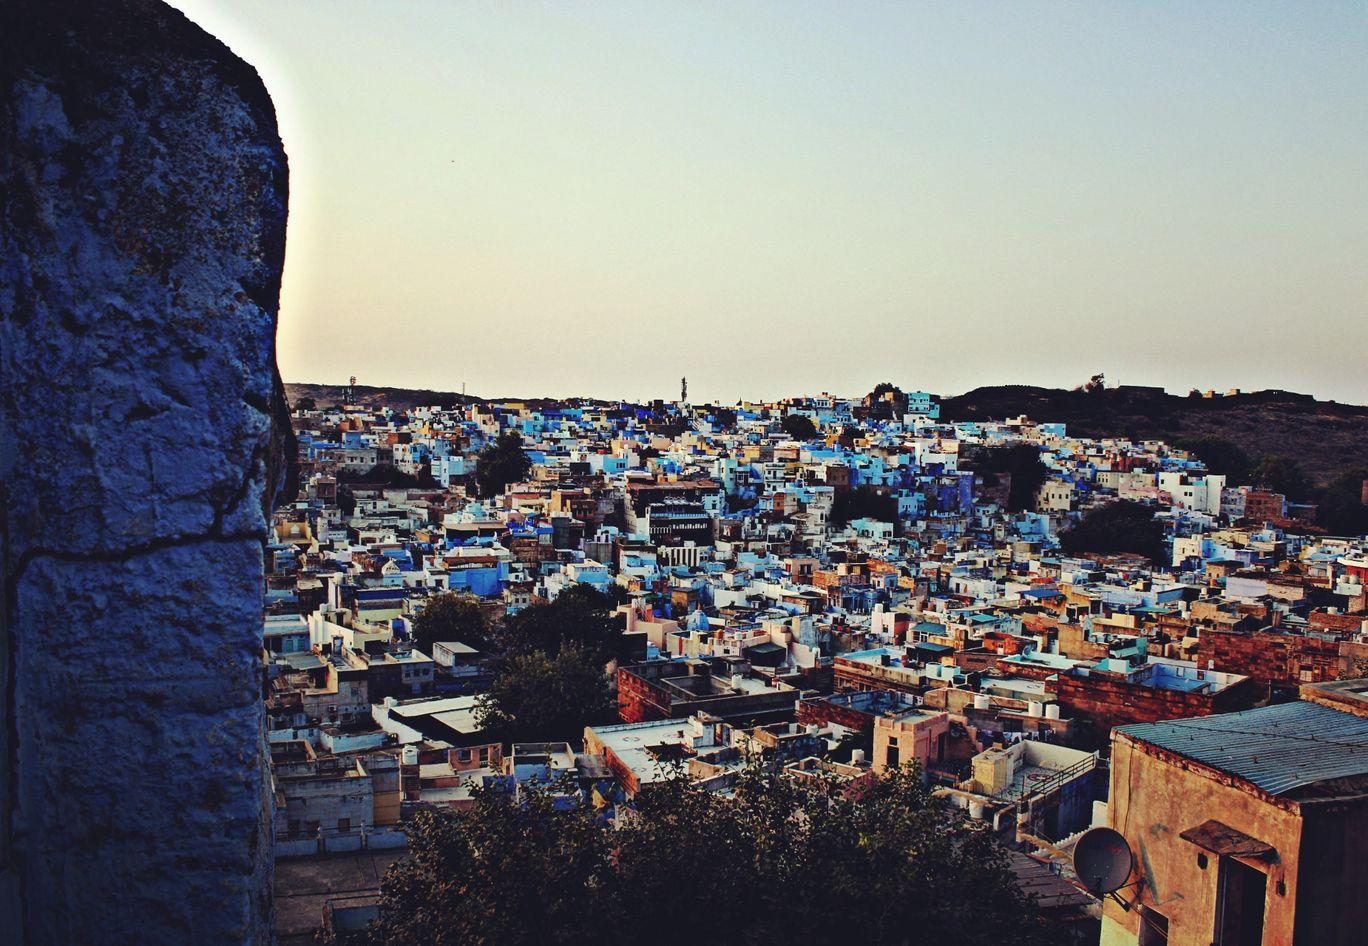 Photo of Jodhpur By Subhradeep Sarkar